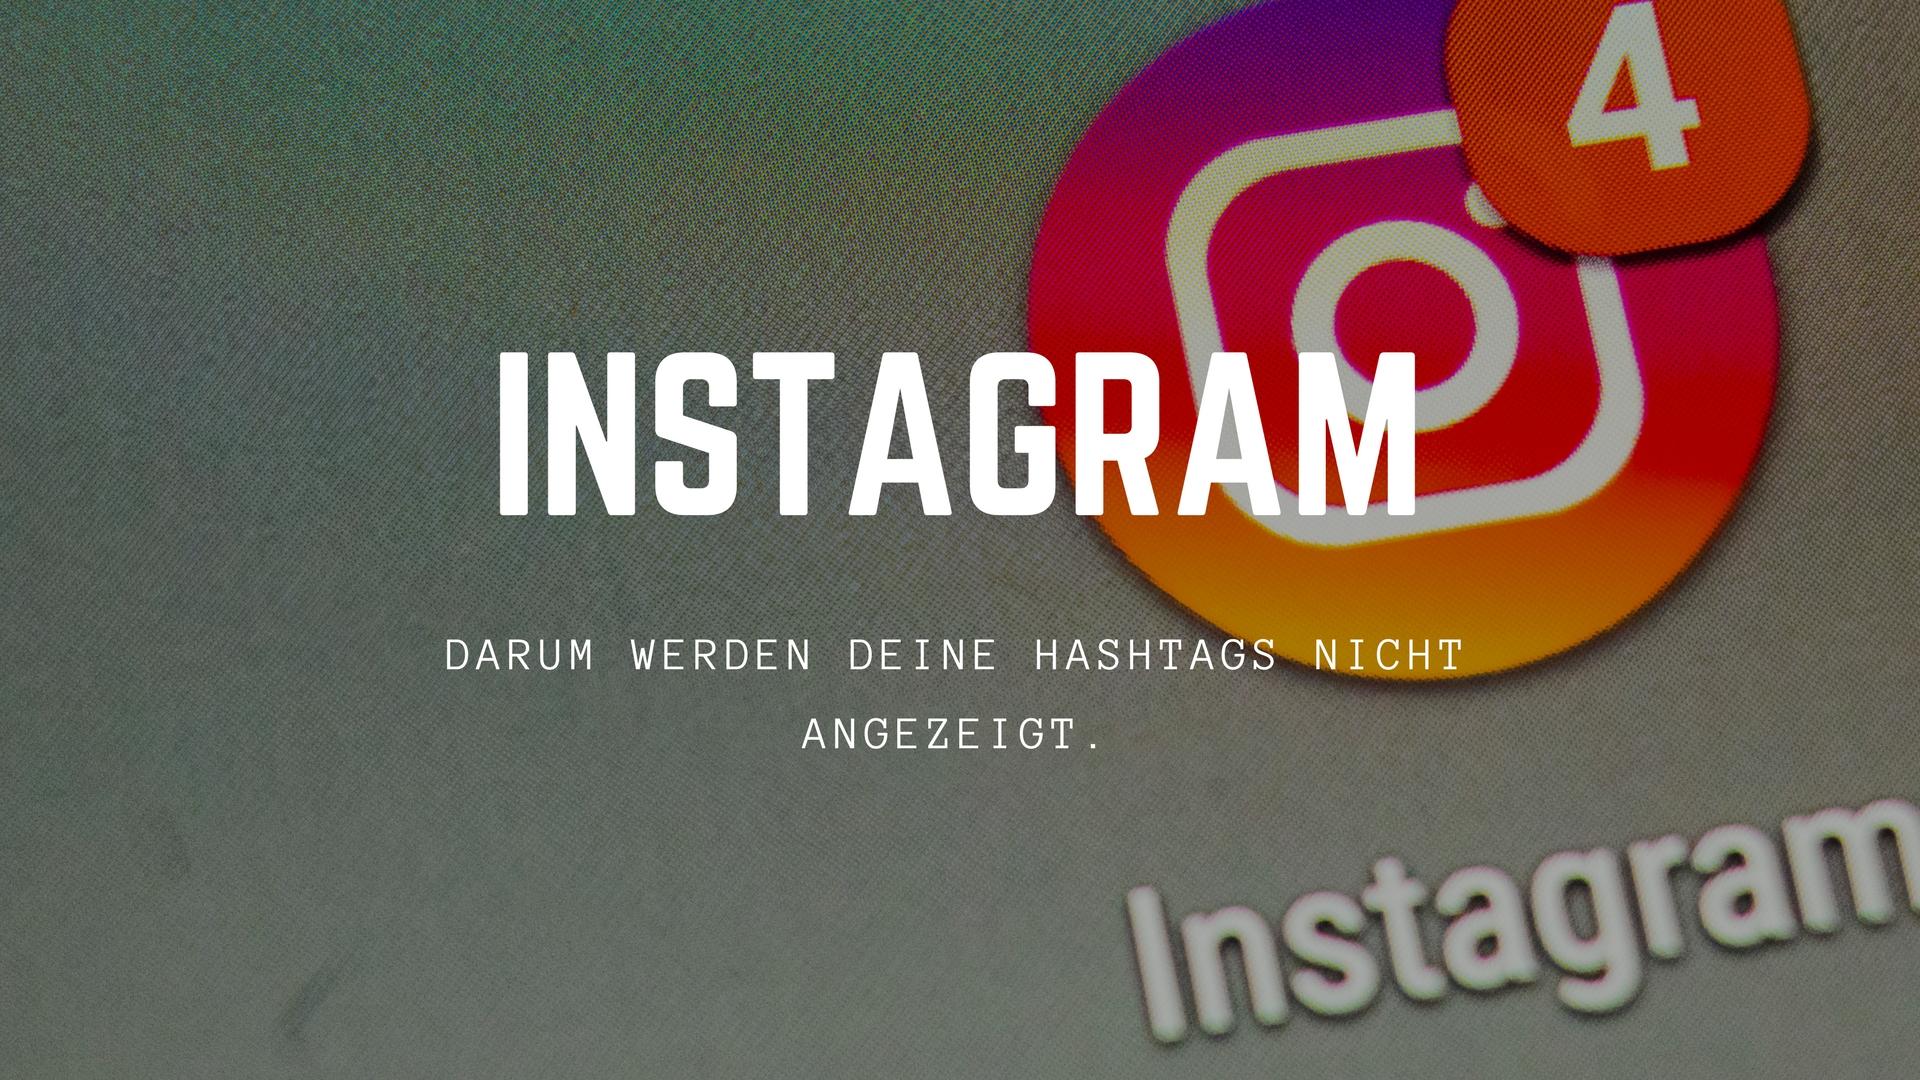 instagram-hashtags-nicht-angezeigt